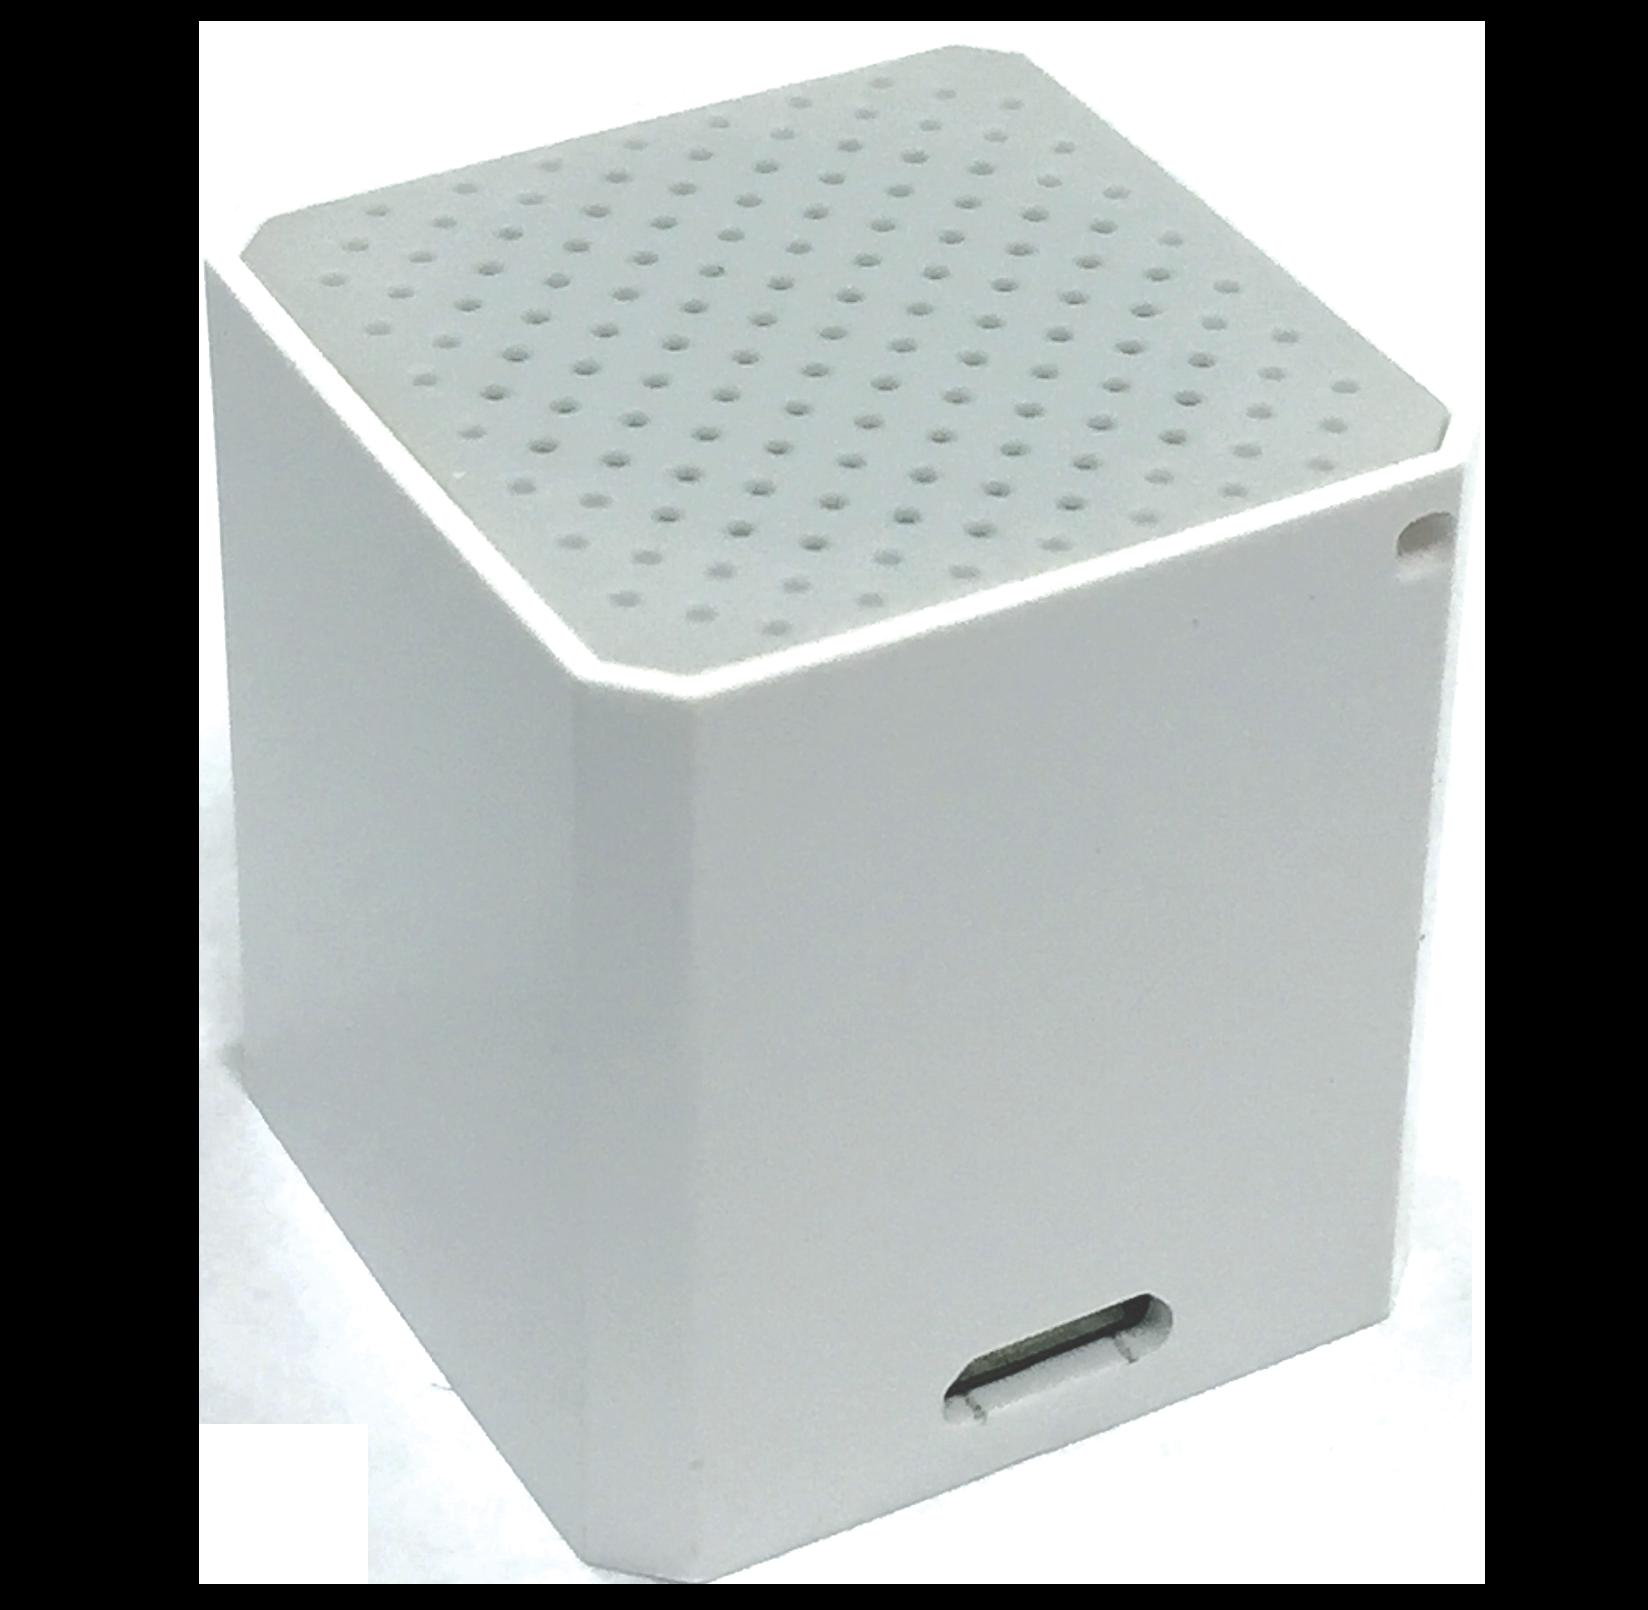 Беспроводная акустика Pred Technologies Smart Cube Mono White (P3001) фото